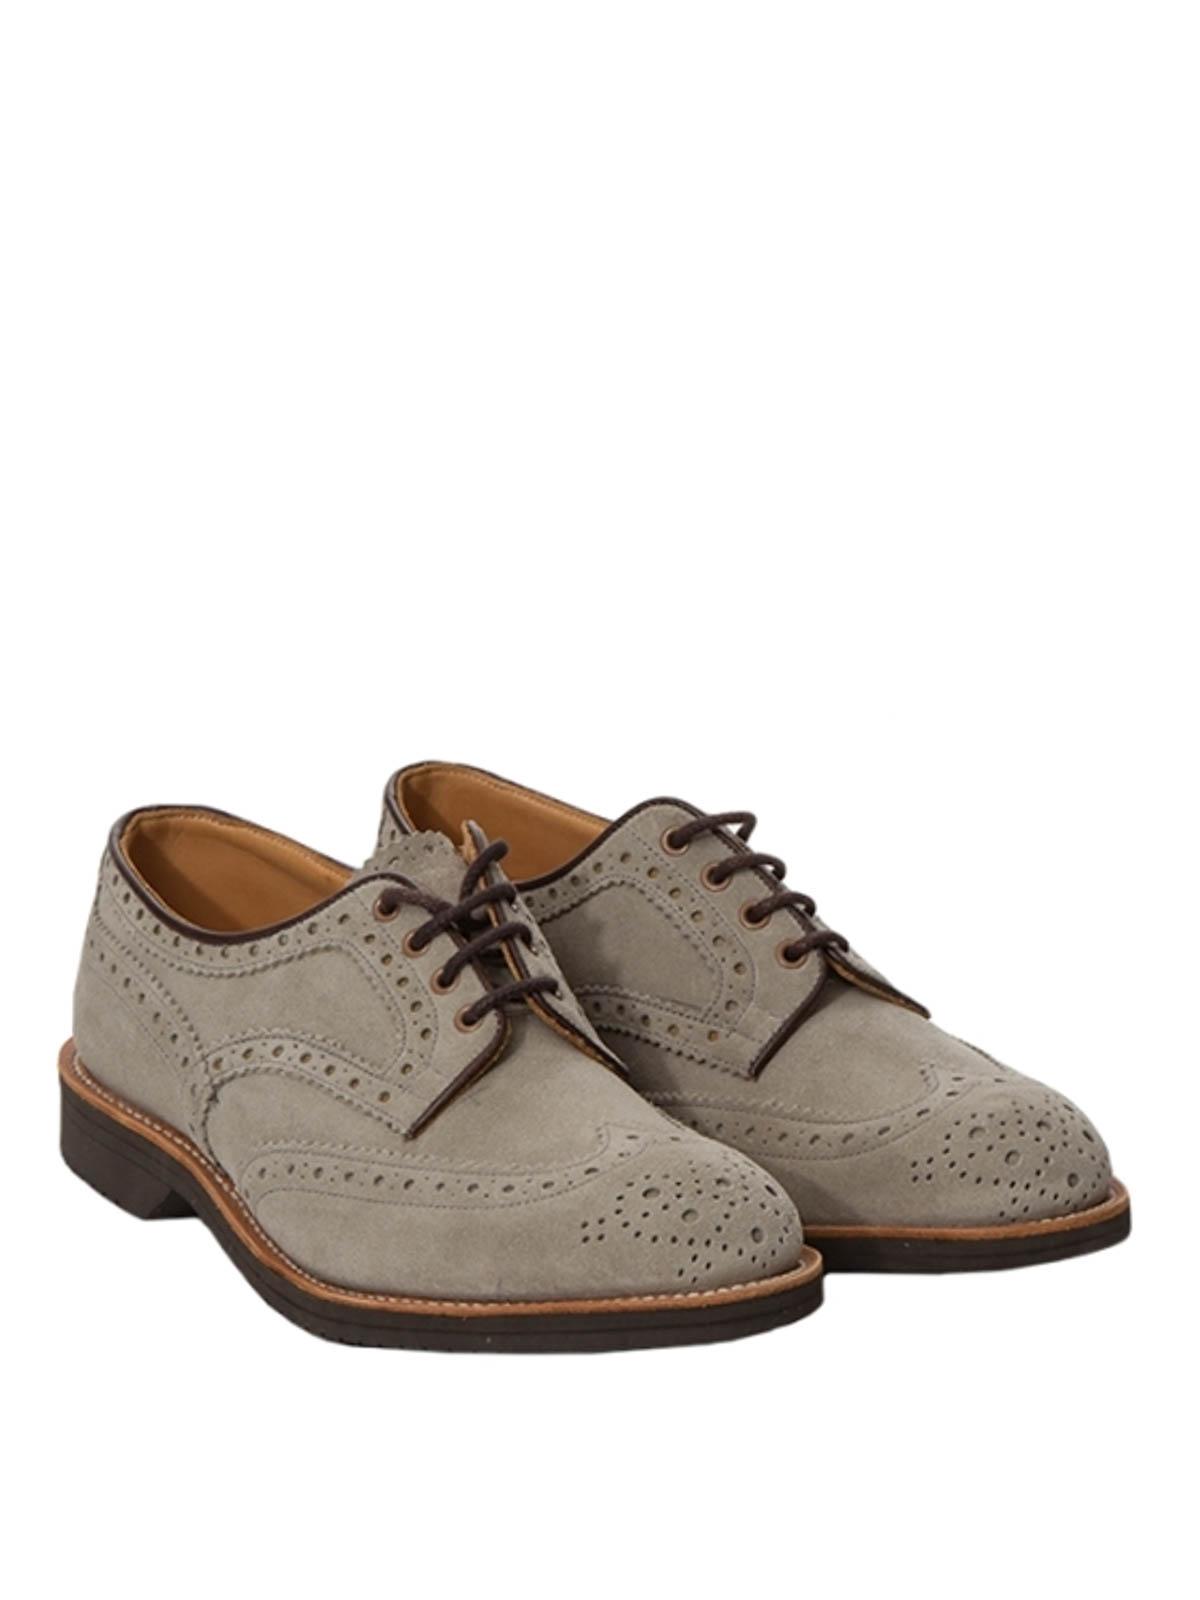 check out 8c100 a9e72 Tricker's - Stringate Bourton in camoscio - scarpe stringate ...